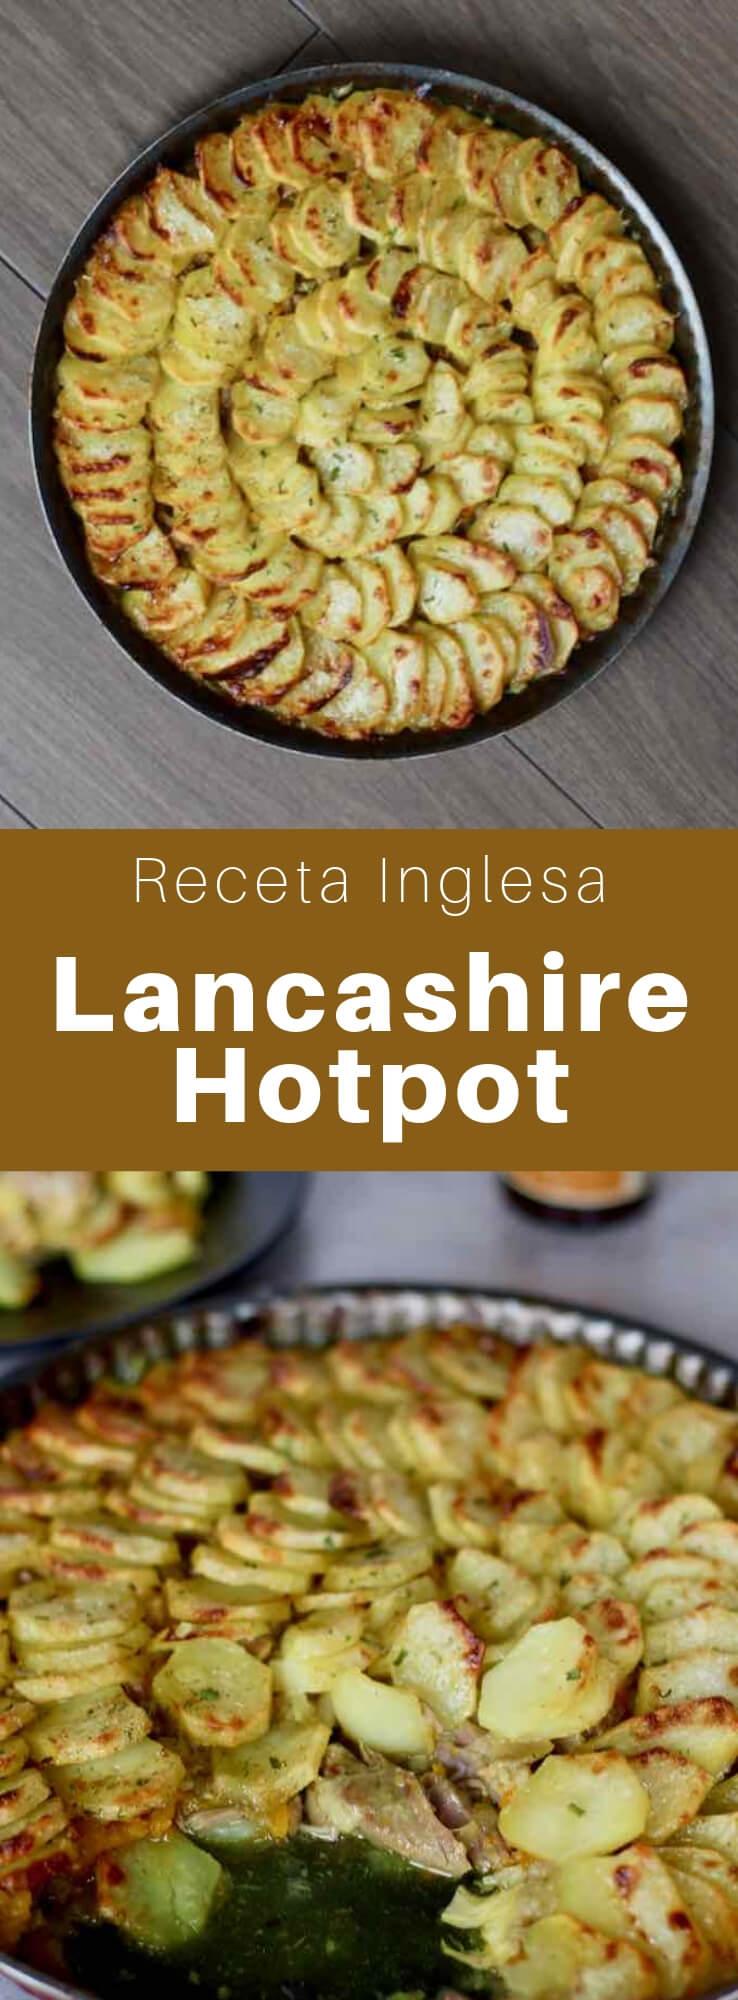 El Lancashire hotpot es un plato típico del noroeste de Inglaterra, cocinado a fuego lento, compuesto principalmente de cordero y cebolla, con patatas en rodajas.